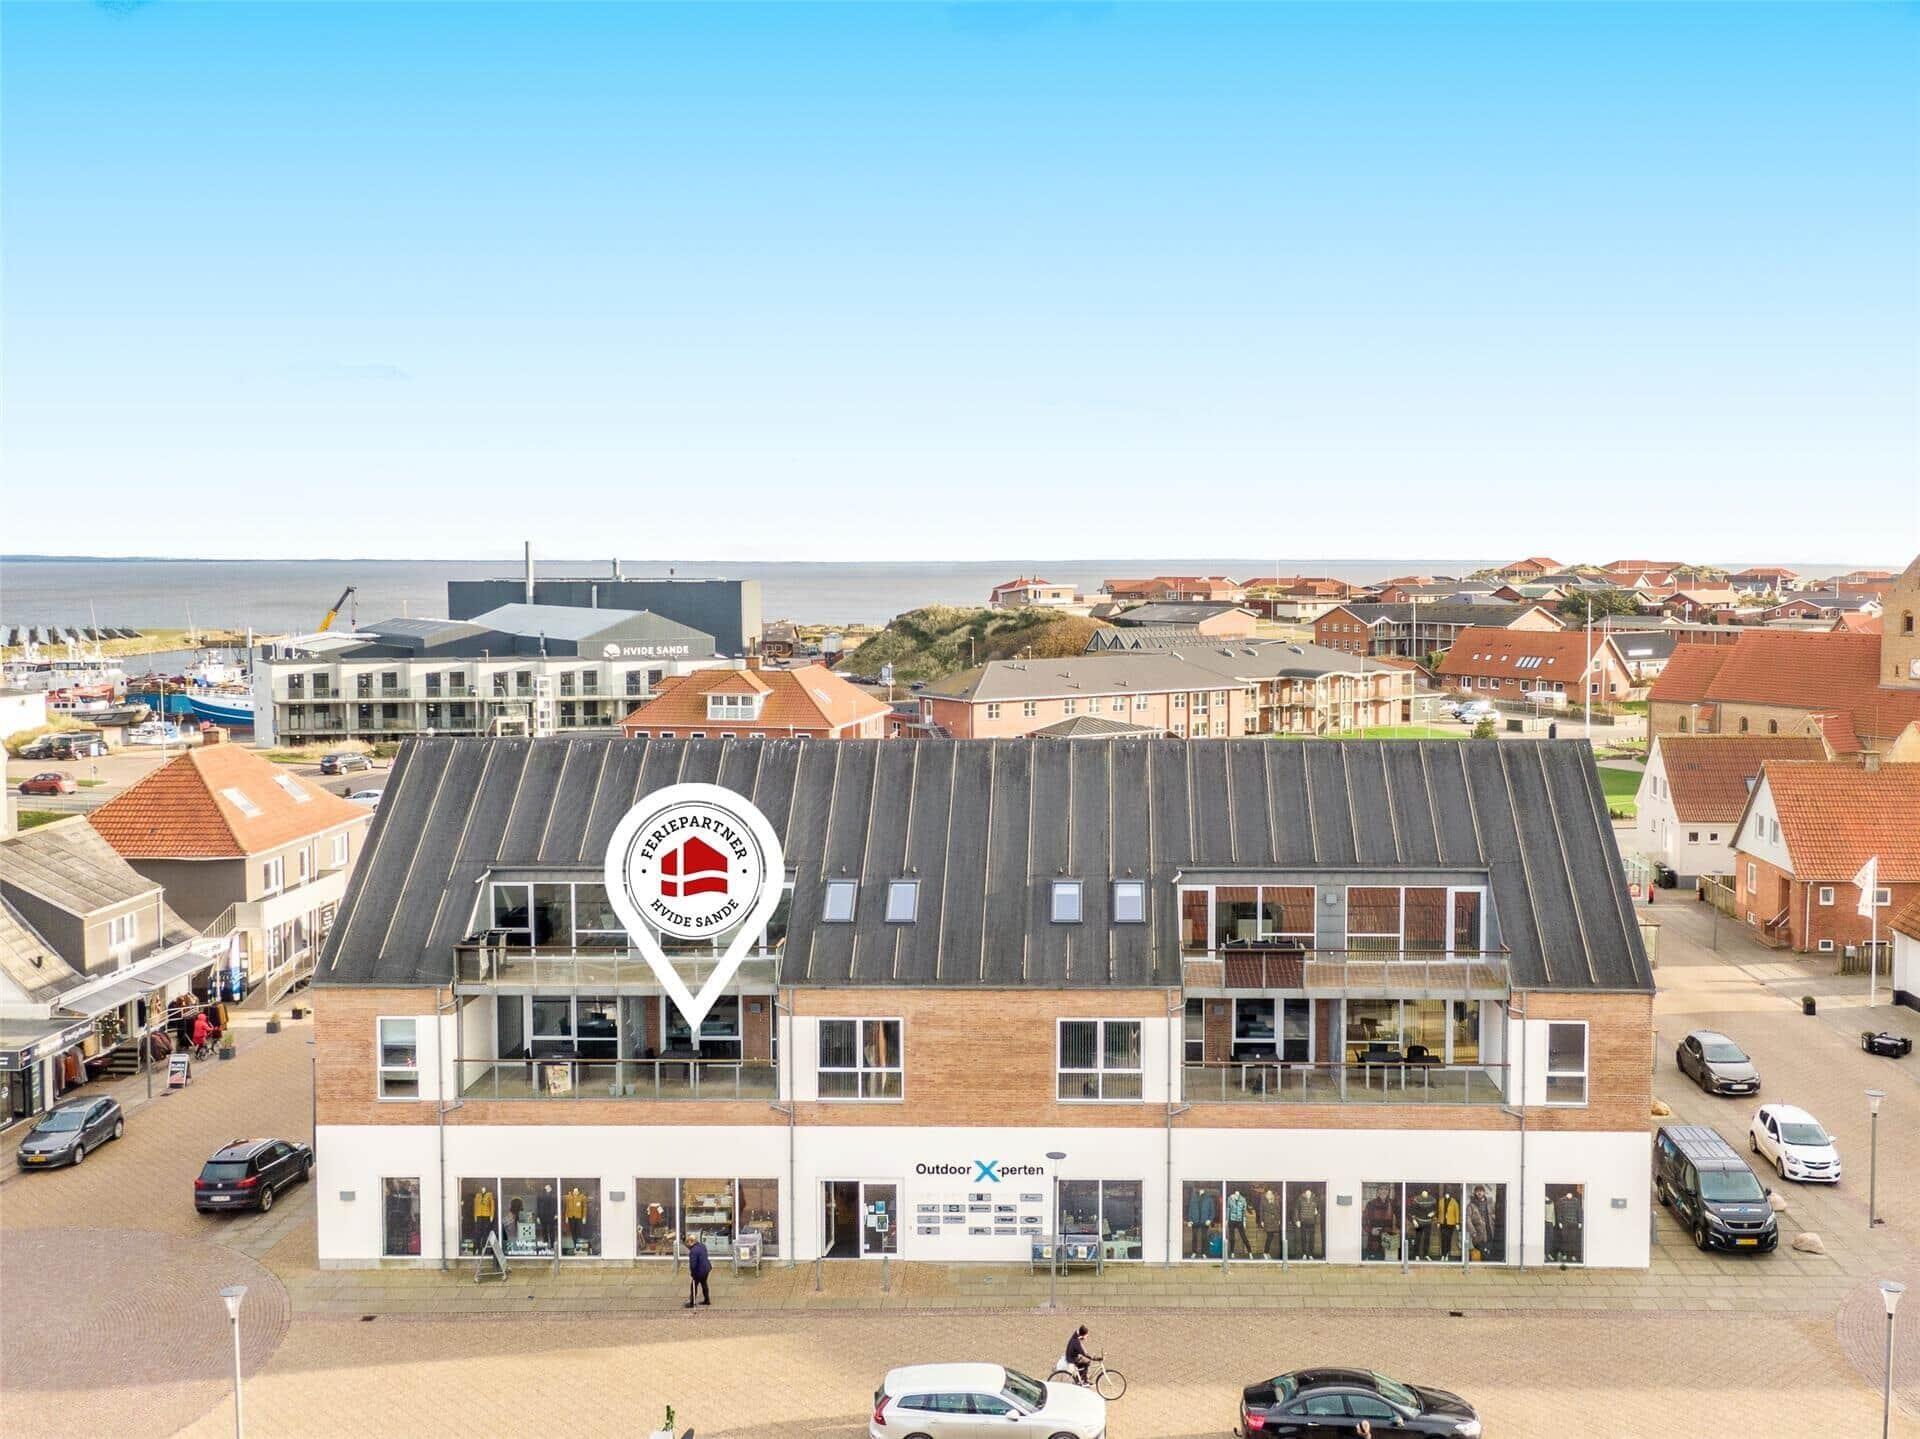 Billede 1-4 Sommerhus 795, Strandgade 6, DK - 6960 Hvide Sande